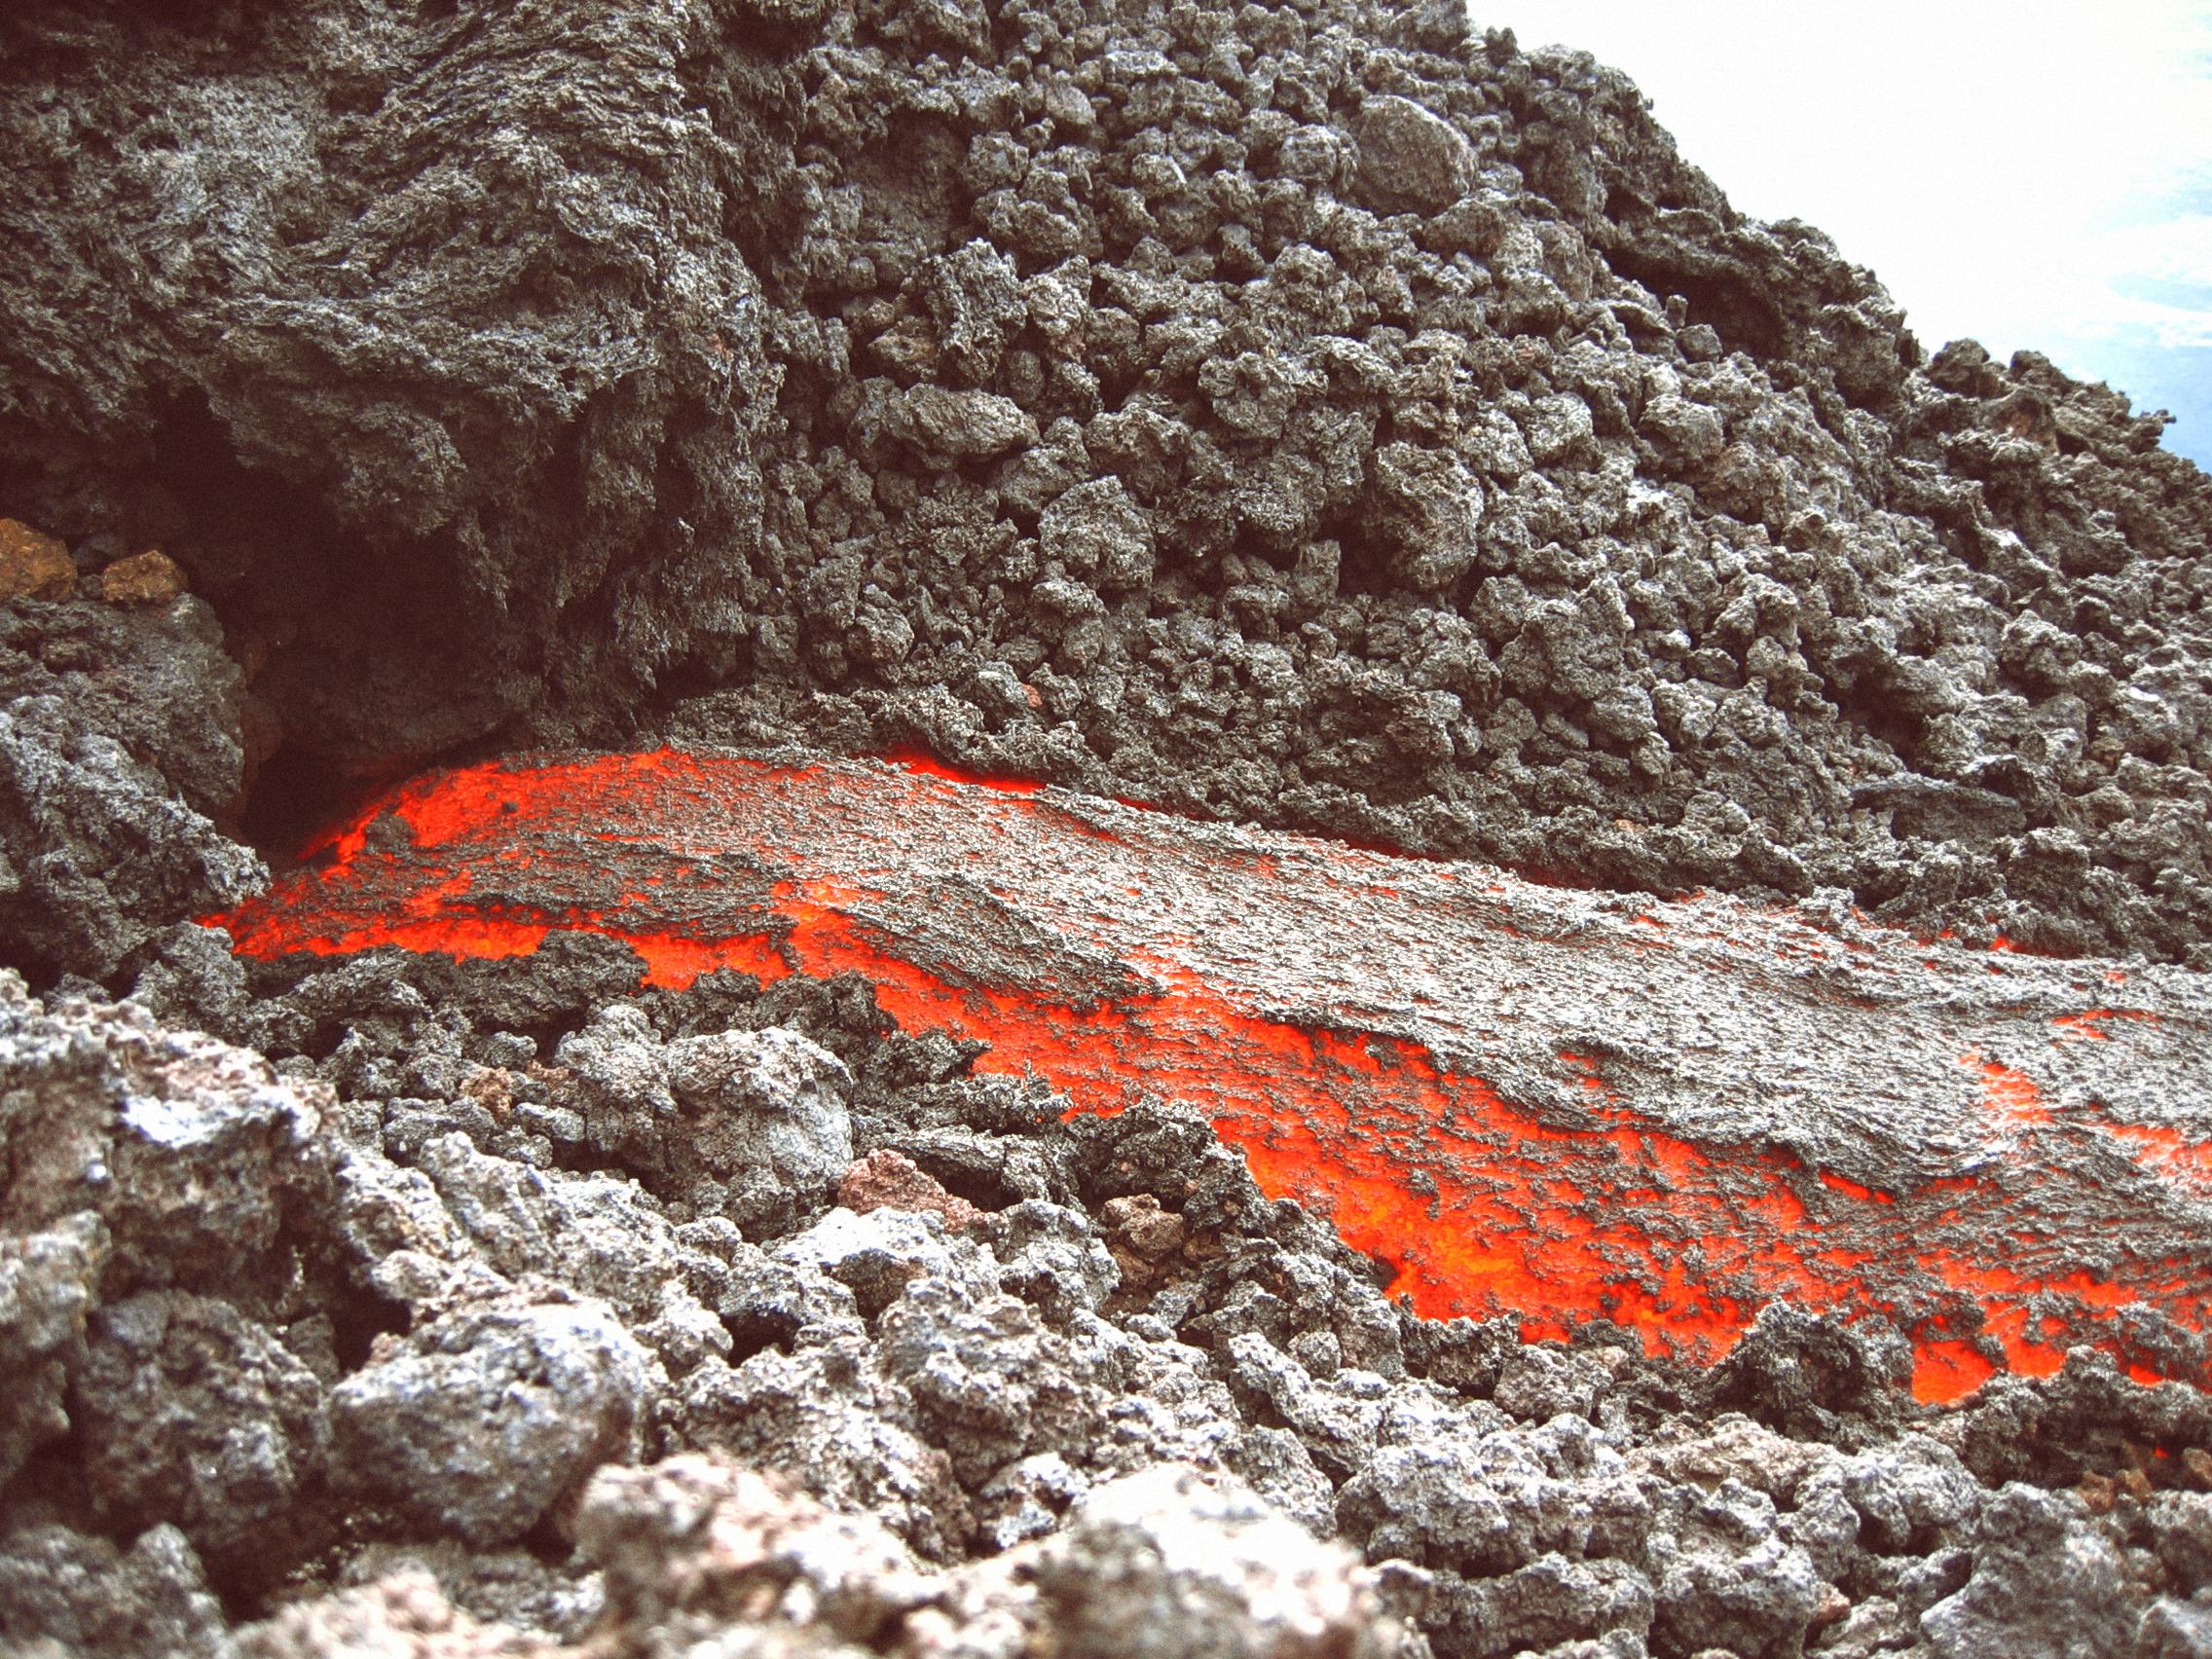 volcano-lava-magma